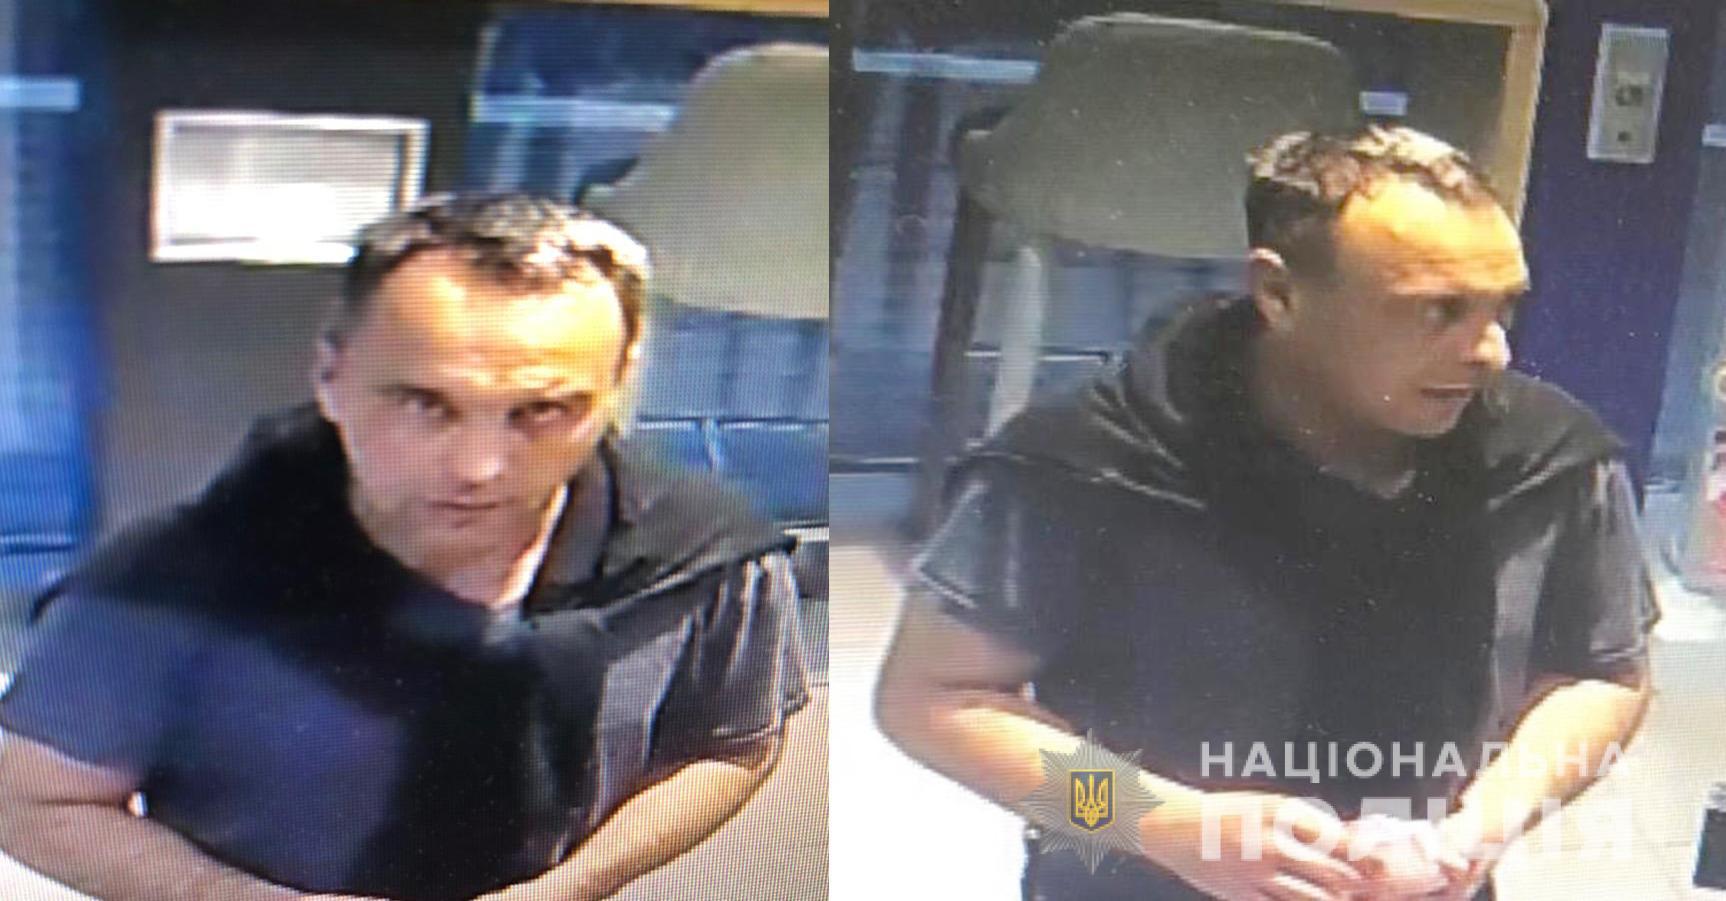 0911_YUvelir2 Увага, розшук грабіжників! За допомогу винагорода – 100 тисяч гривень